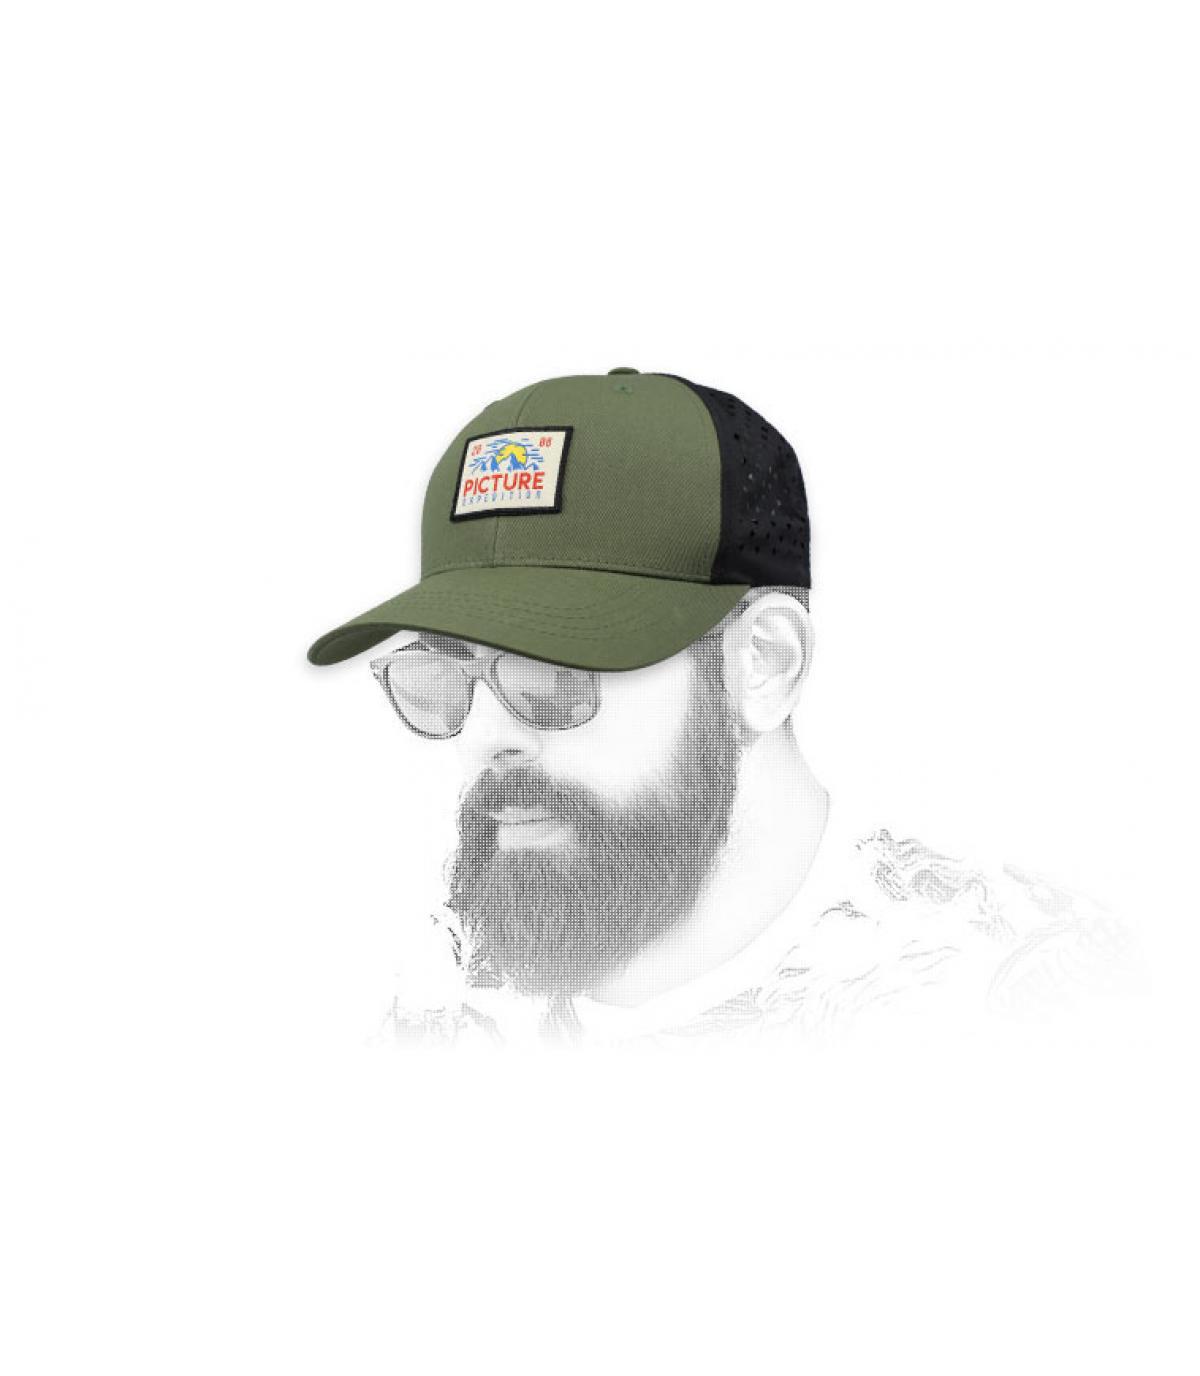 Trucker Picture grün